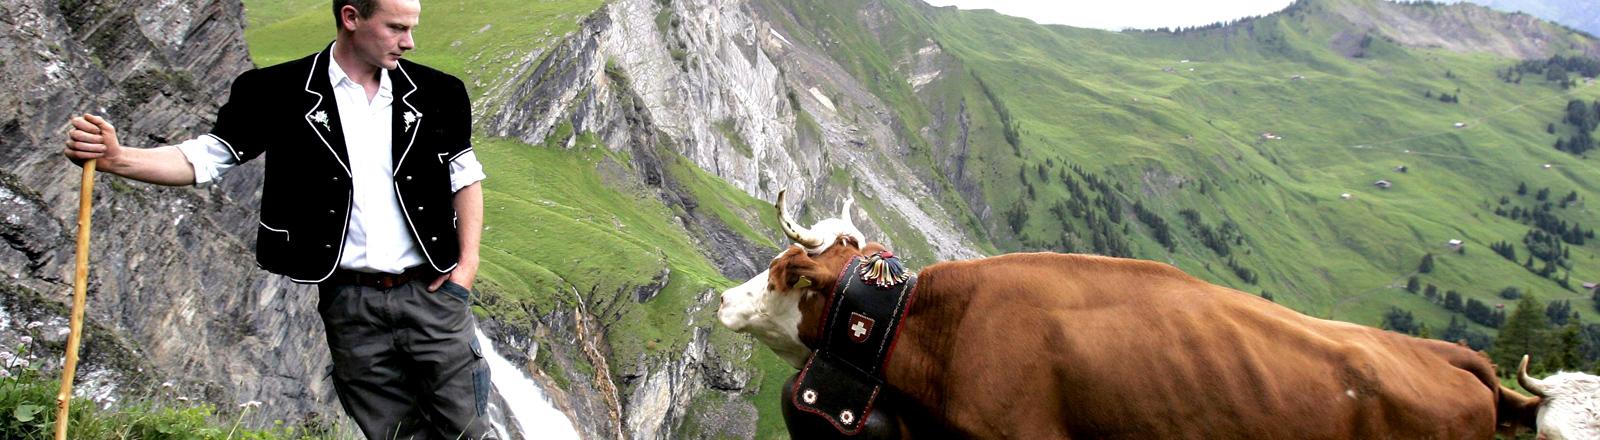 Ein Senner mit einer Kuhherde in den Schweizer Alpen.